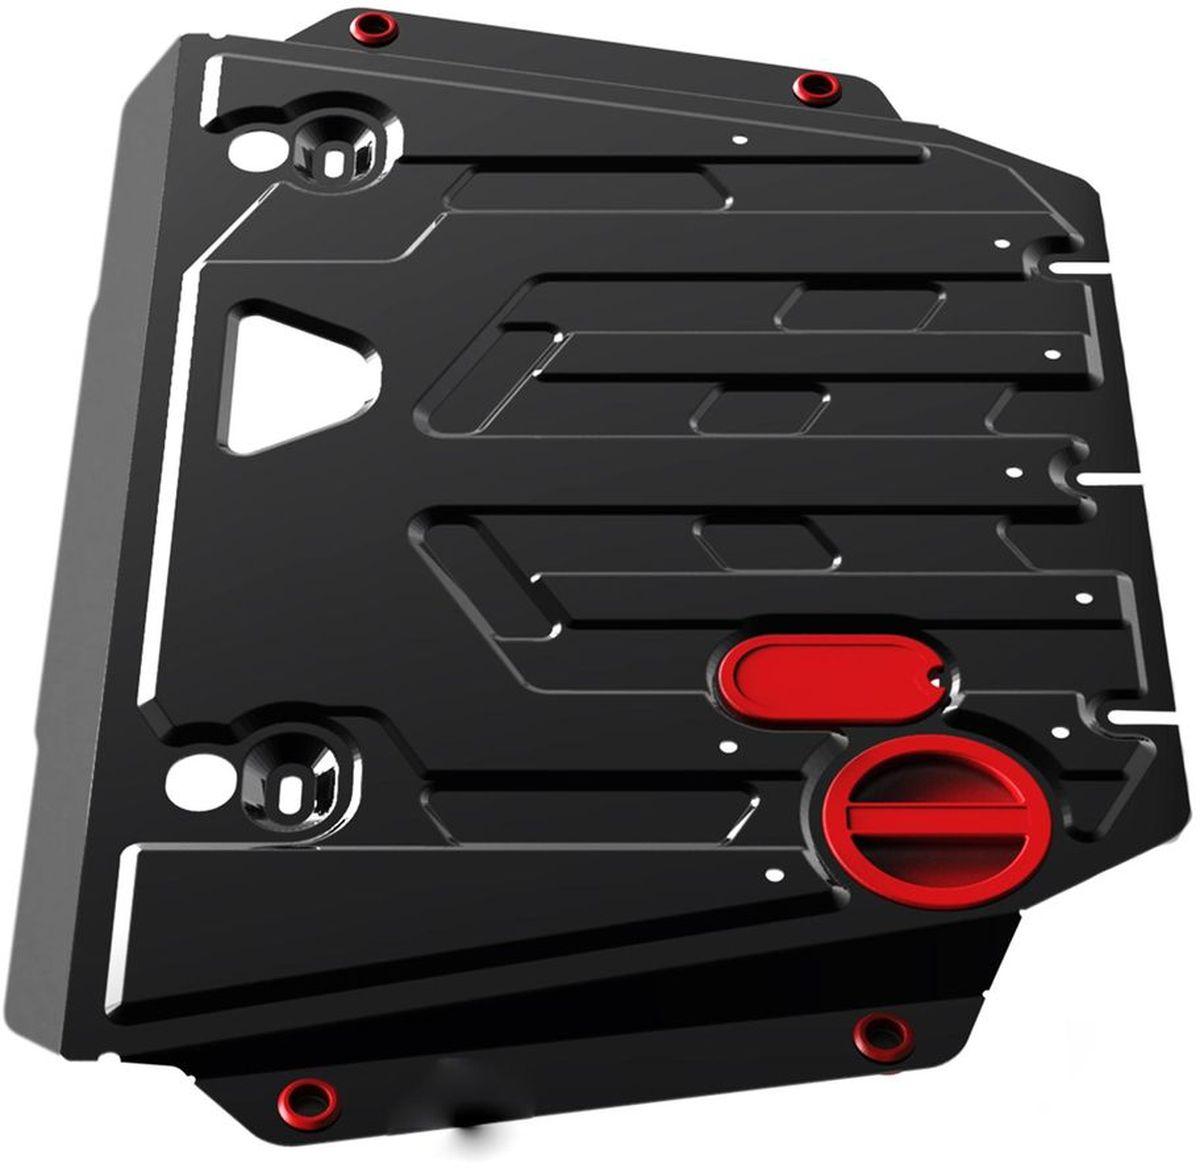 Защита картера и КПП Автоброня, для Geely MK /Geely MK Cross/Gelly GC6, V - 1,5 (2008-, 2011-, 2014-)MW-3101Технологически совершенный продукт за невысокую стоимость.Защита разработана с учетом особенностей днища автомобиля, что позволяет сохранить дорожный просвет с минимальным изменением.Защита устанавливается в штатные места кузова автомобиля. Глубокий штамп обеспечивает до двух раз больше жесткости в сравнении с обычной защитой той же толщины. Проштампованные ребра жесткости препятствуют деформации защиты при ударах.Тепловой зазор и вентиляционные отверстия обеспечивают сохранение температурного режима двигателя в норме. Скрытый крепеж предотвращает срыв крепежных элементов при наезде на препятствие.Шумопоглощающие резиновые элементы обеспечивают комфортную езду без вибраций и скрежета металла, а съемные лючки для слива масла и замены фильтра - экономию средств и время.Конструкция изделия не влияет на пассивную безопасность автомобиля (при ударе защита не воздействует на деформационные зоны кузова). Со штатным крепежом. В комплекте инструкция по установке.Толщина стали: 2 мм.Уважаемые клиенты!Обращаем ваше внимание, что элемент защиты имеет форму, соответствующую модели данного автомобиля. Фото служит для визуального восприятия товара и может отличаться от фактического.